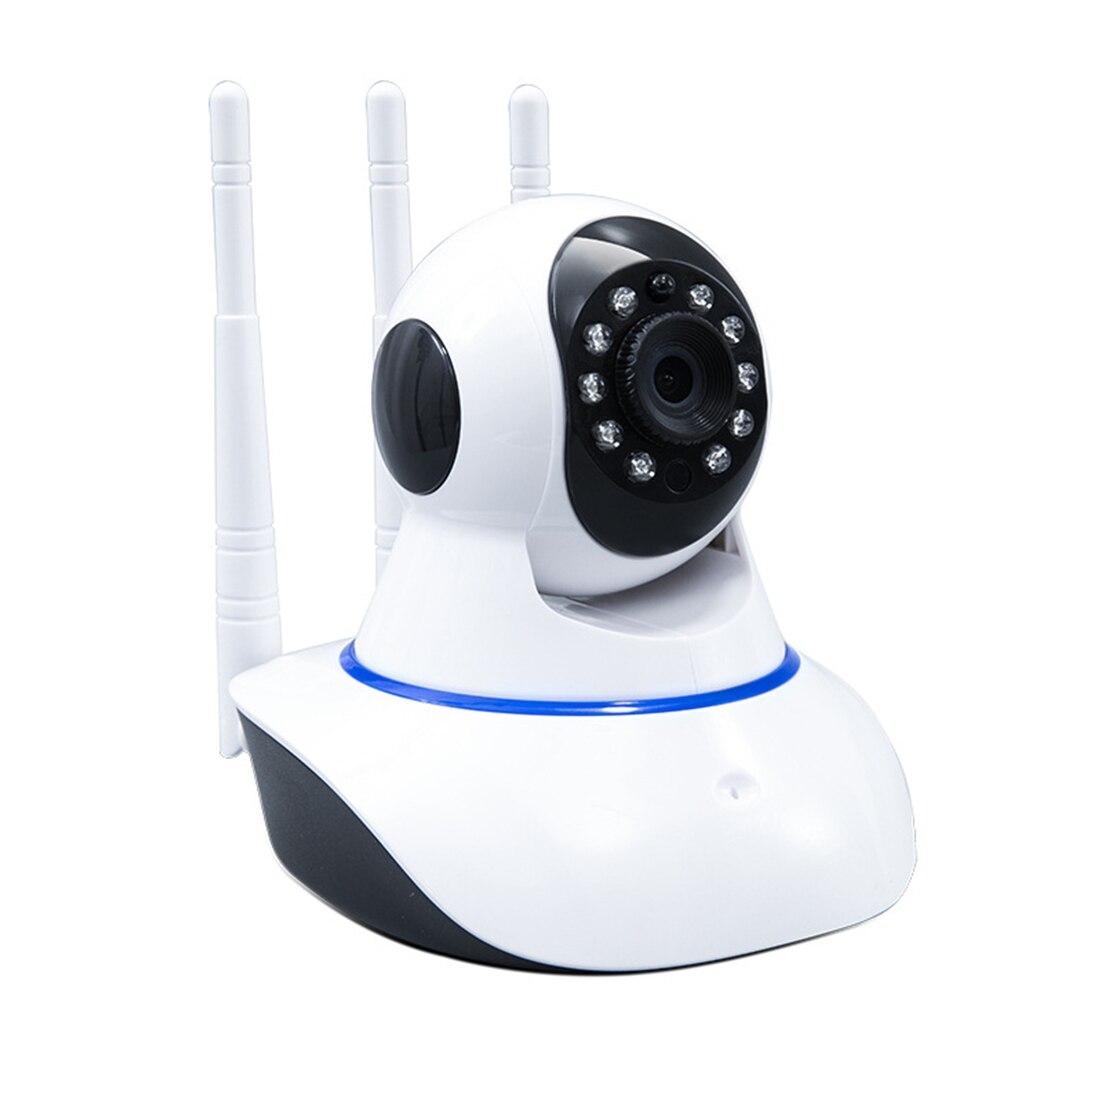 880 nouvelle haute définition Cloud stockage caméra de sécurité téléphone Mobile à distance sans fil WIFI intelligent petite caméra de Surveillance de bébé